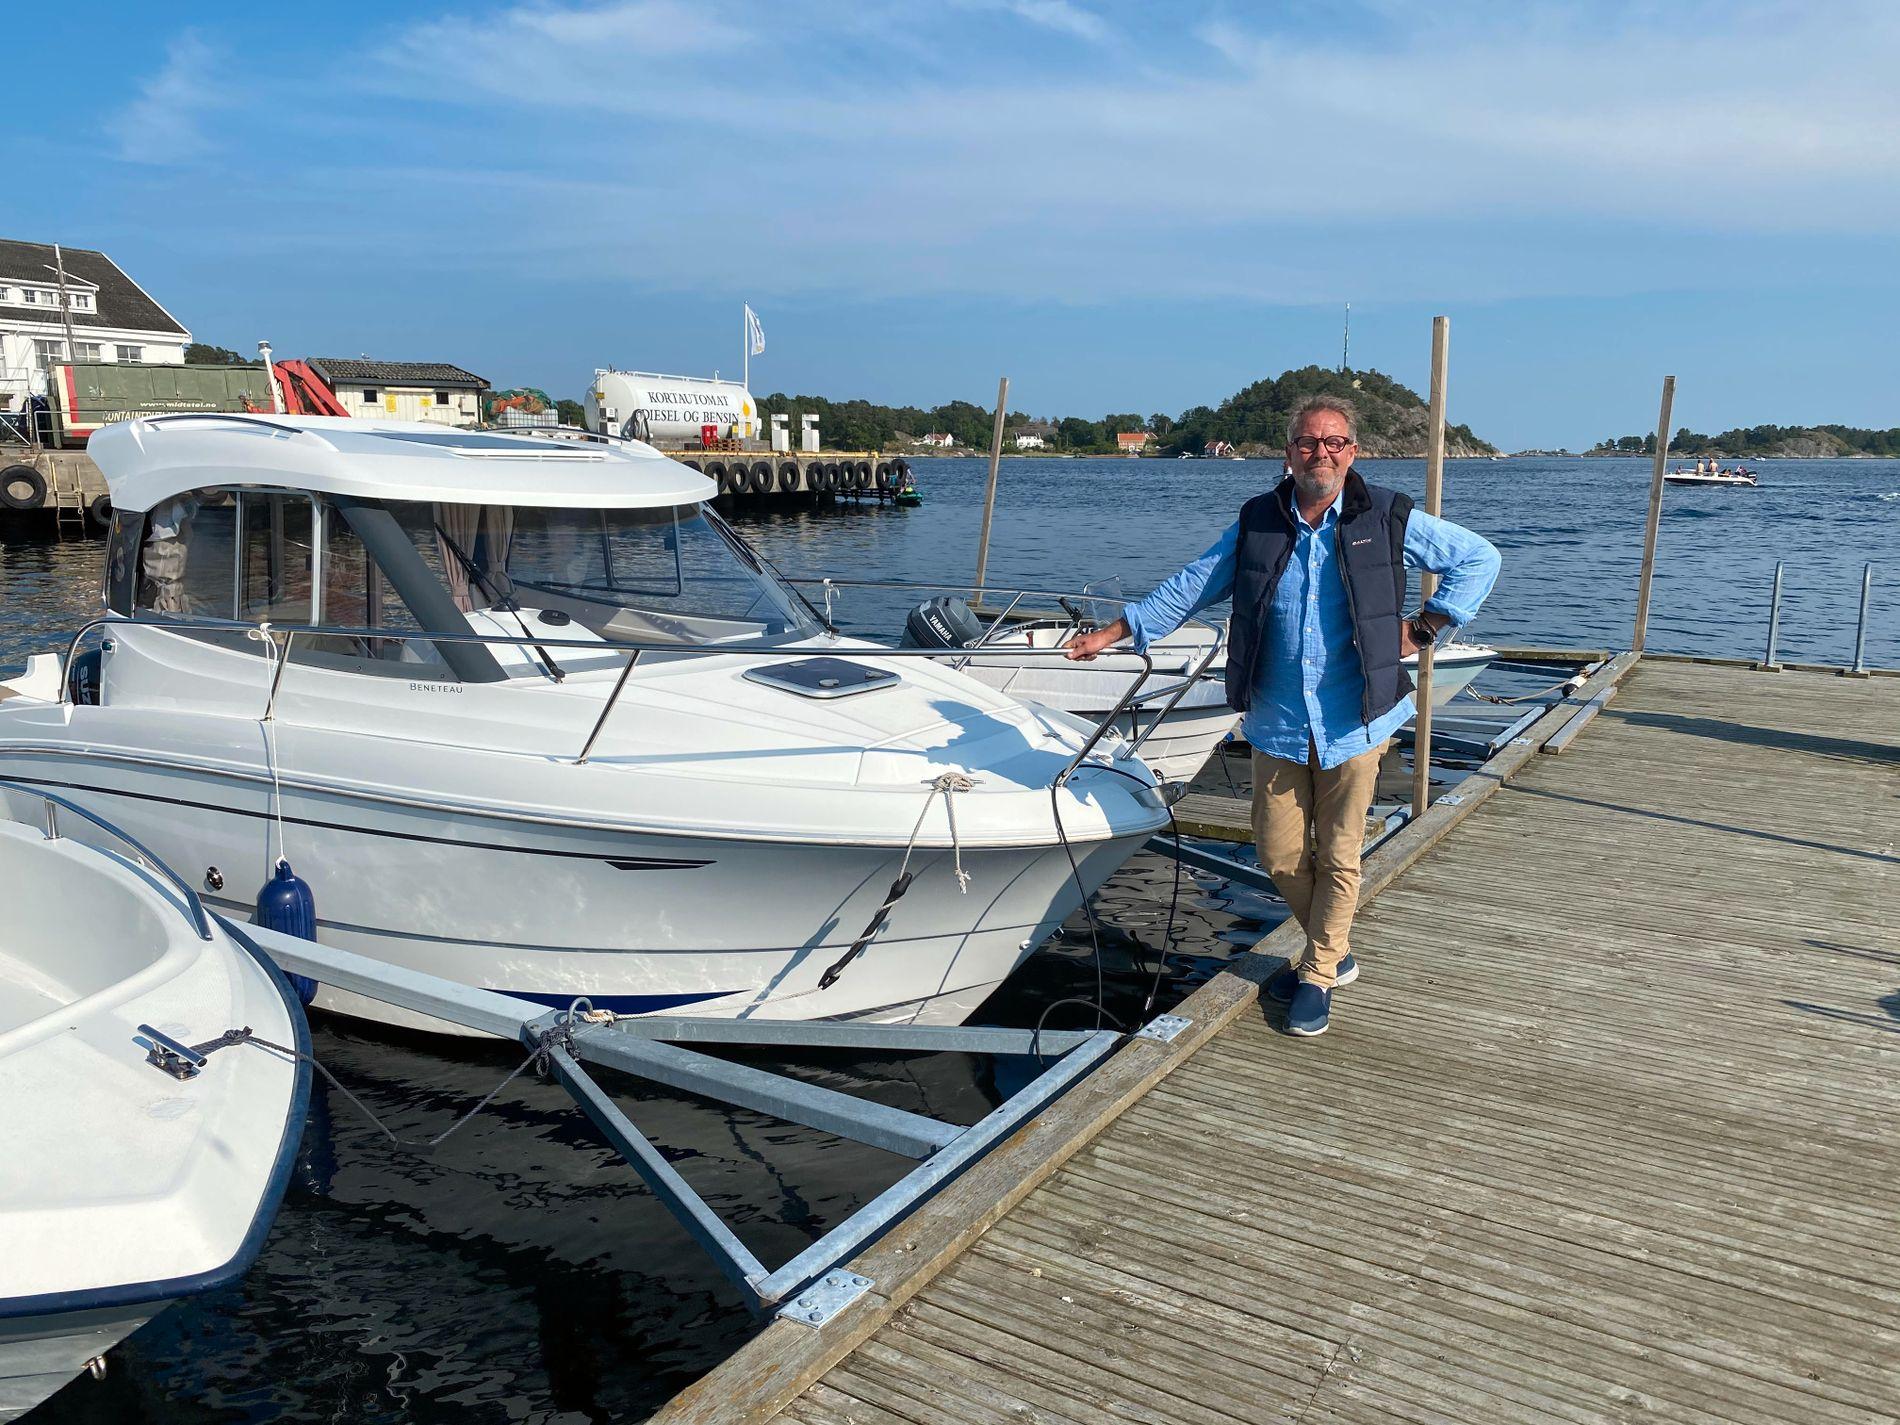 FIKK FRASTJÅLET BÅTEN: Det måtte et båttyveri til før Richar A. Nordahl lastet ned den nye appen for båtfolket. Nå får han beskjed på telefonen om båten flyttes.